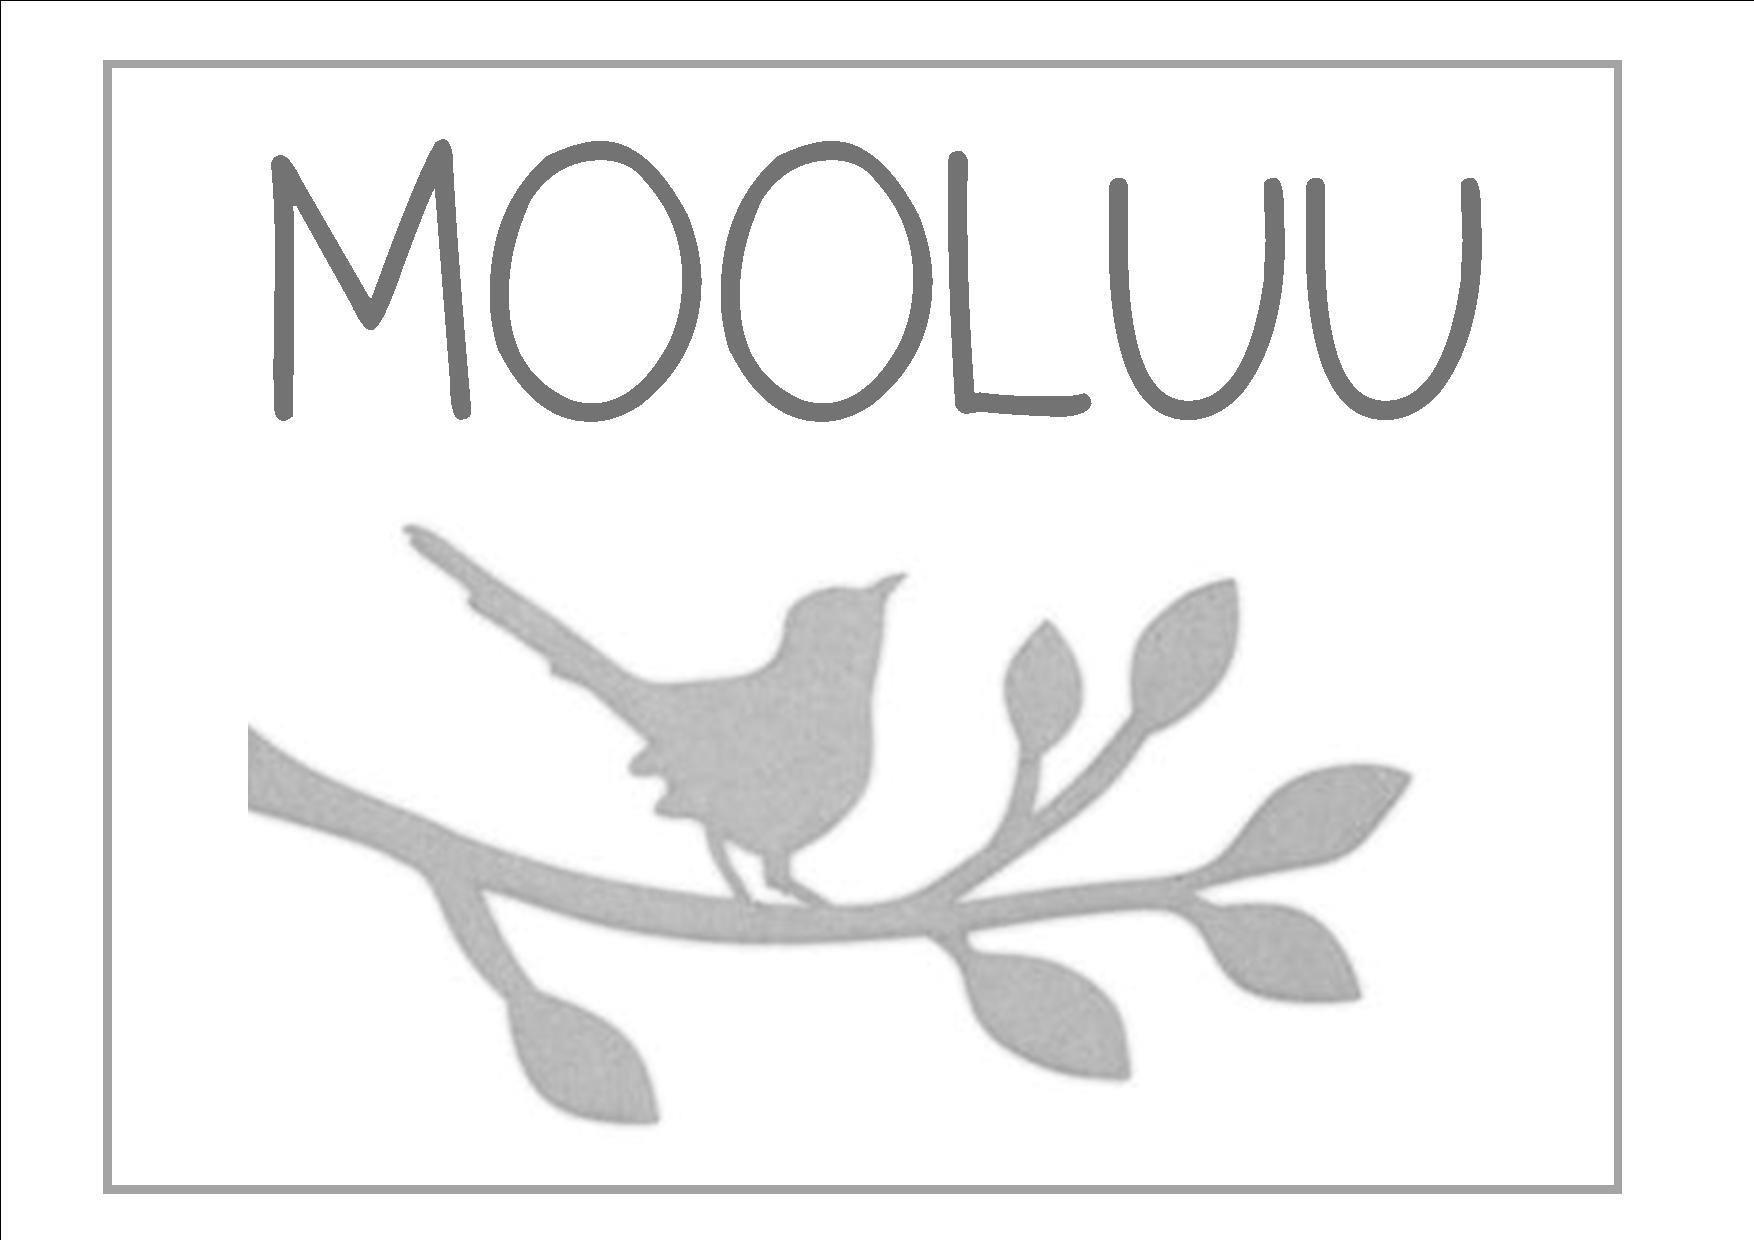 Mooluu